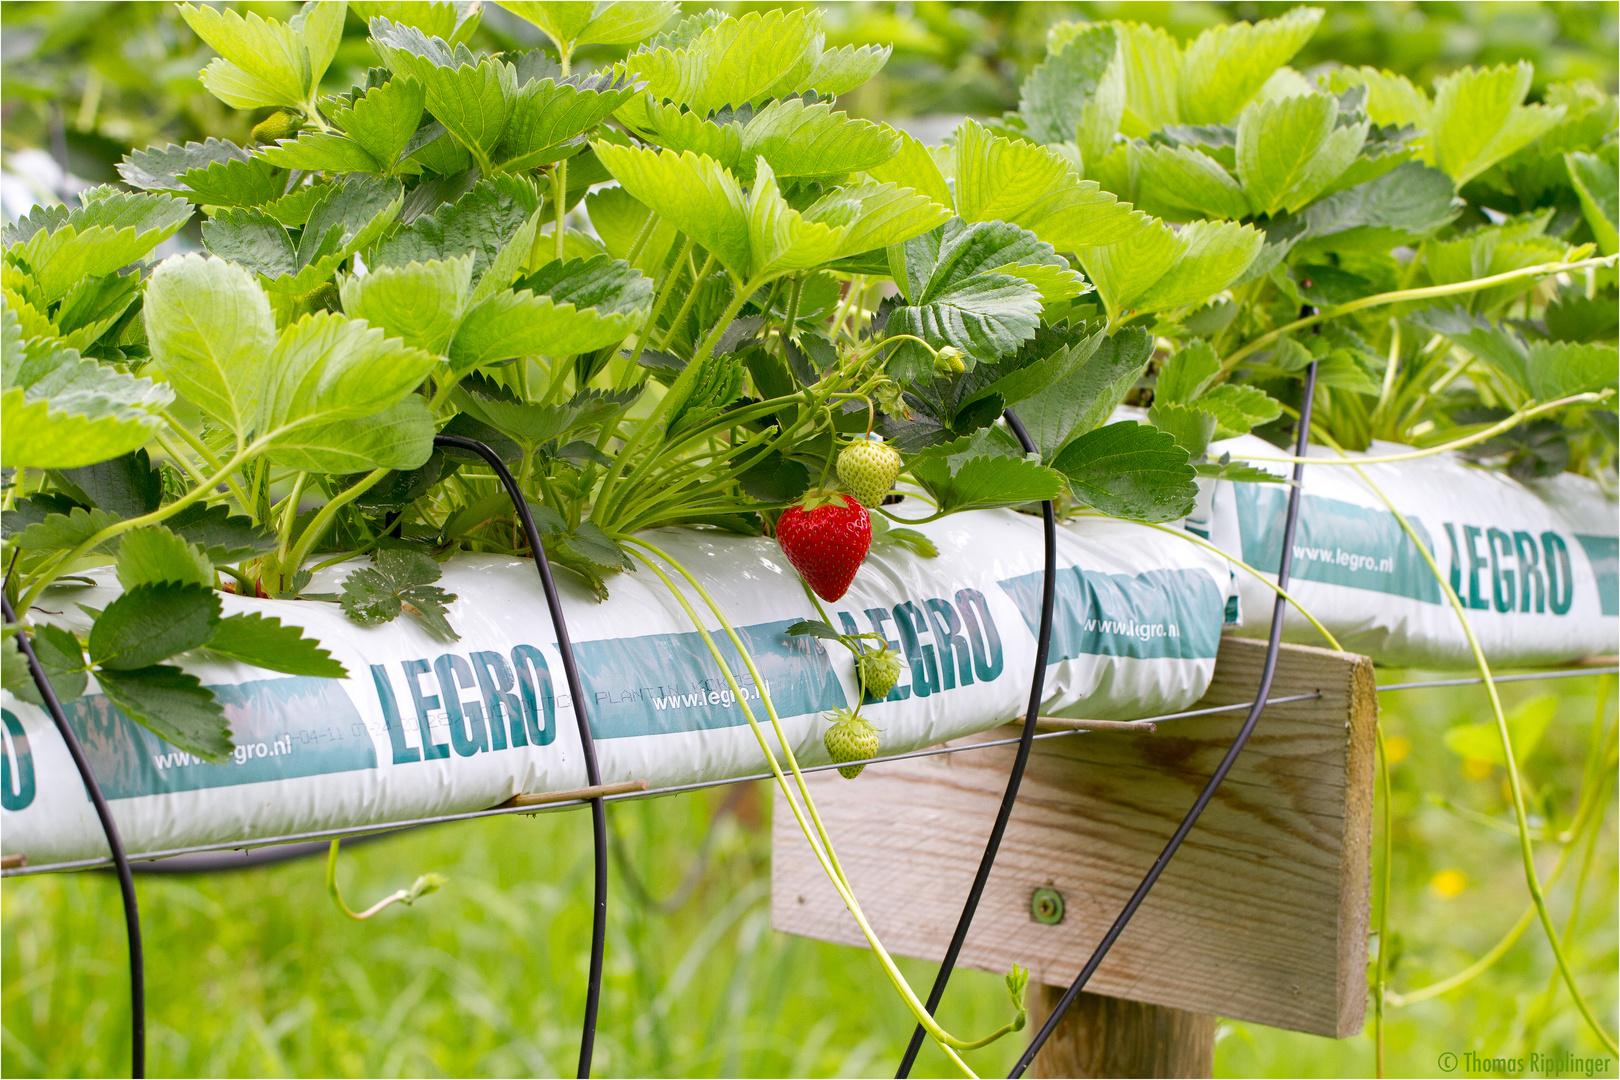 erdbeeren aus dem hochbeet foto bild pflanzen pilze flechten bl ten. Black Bedroom Furniture Sets. Home Design Ideas